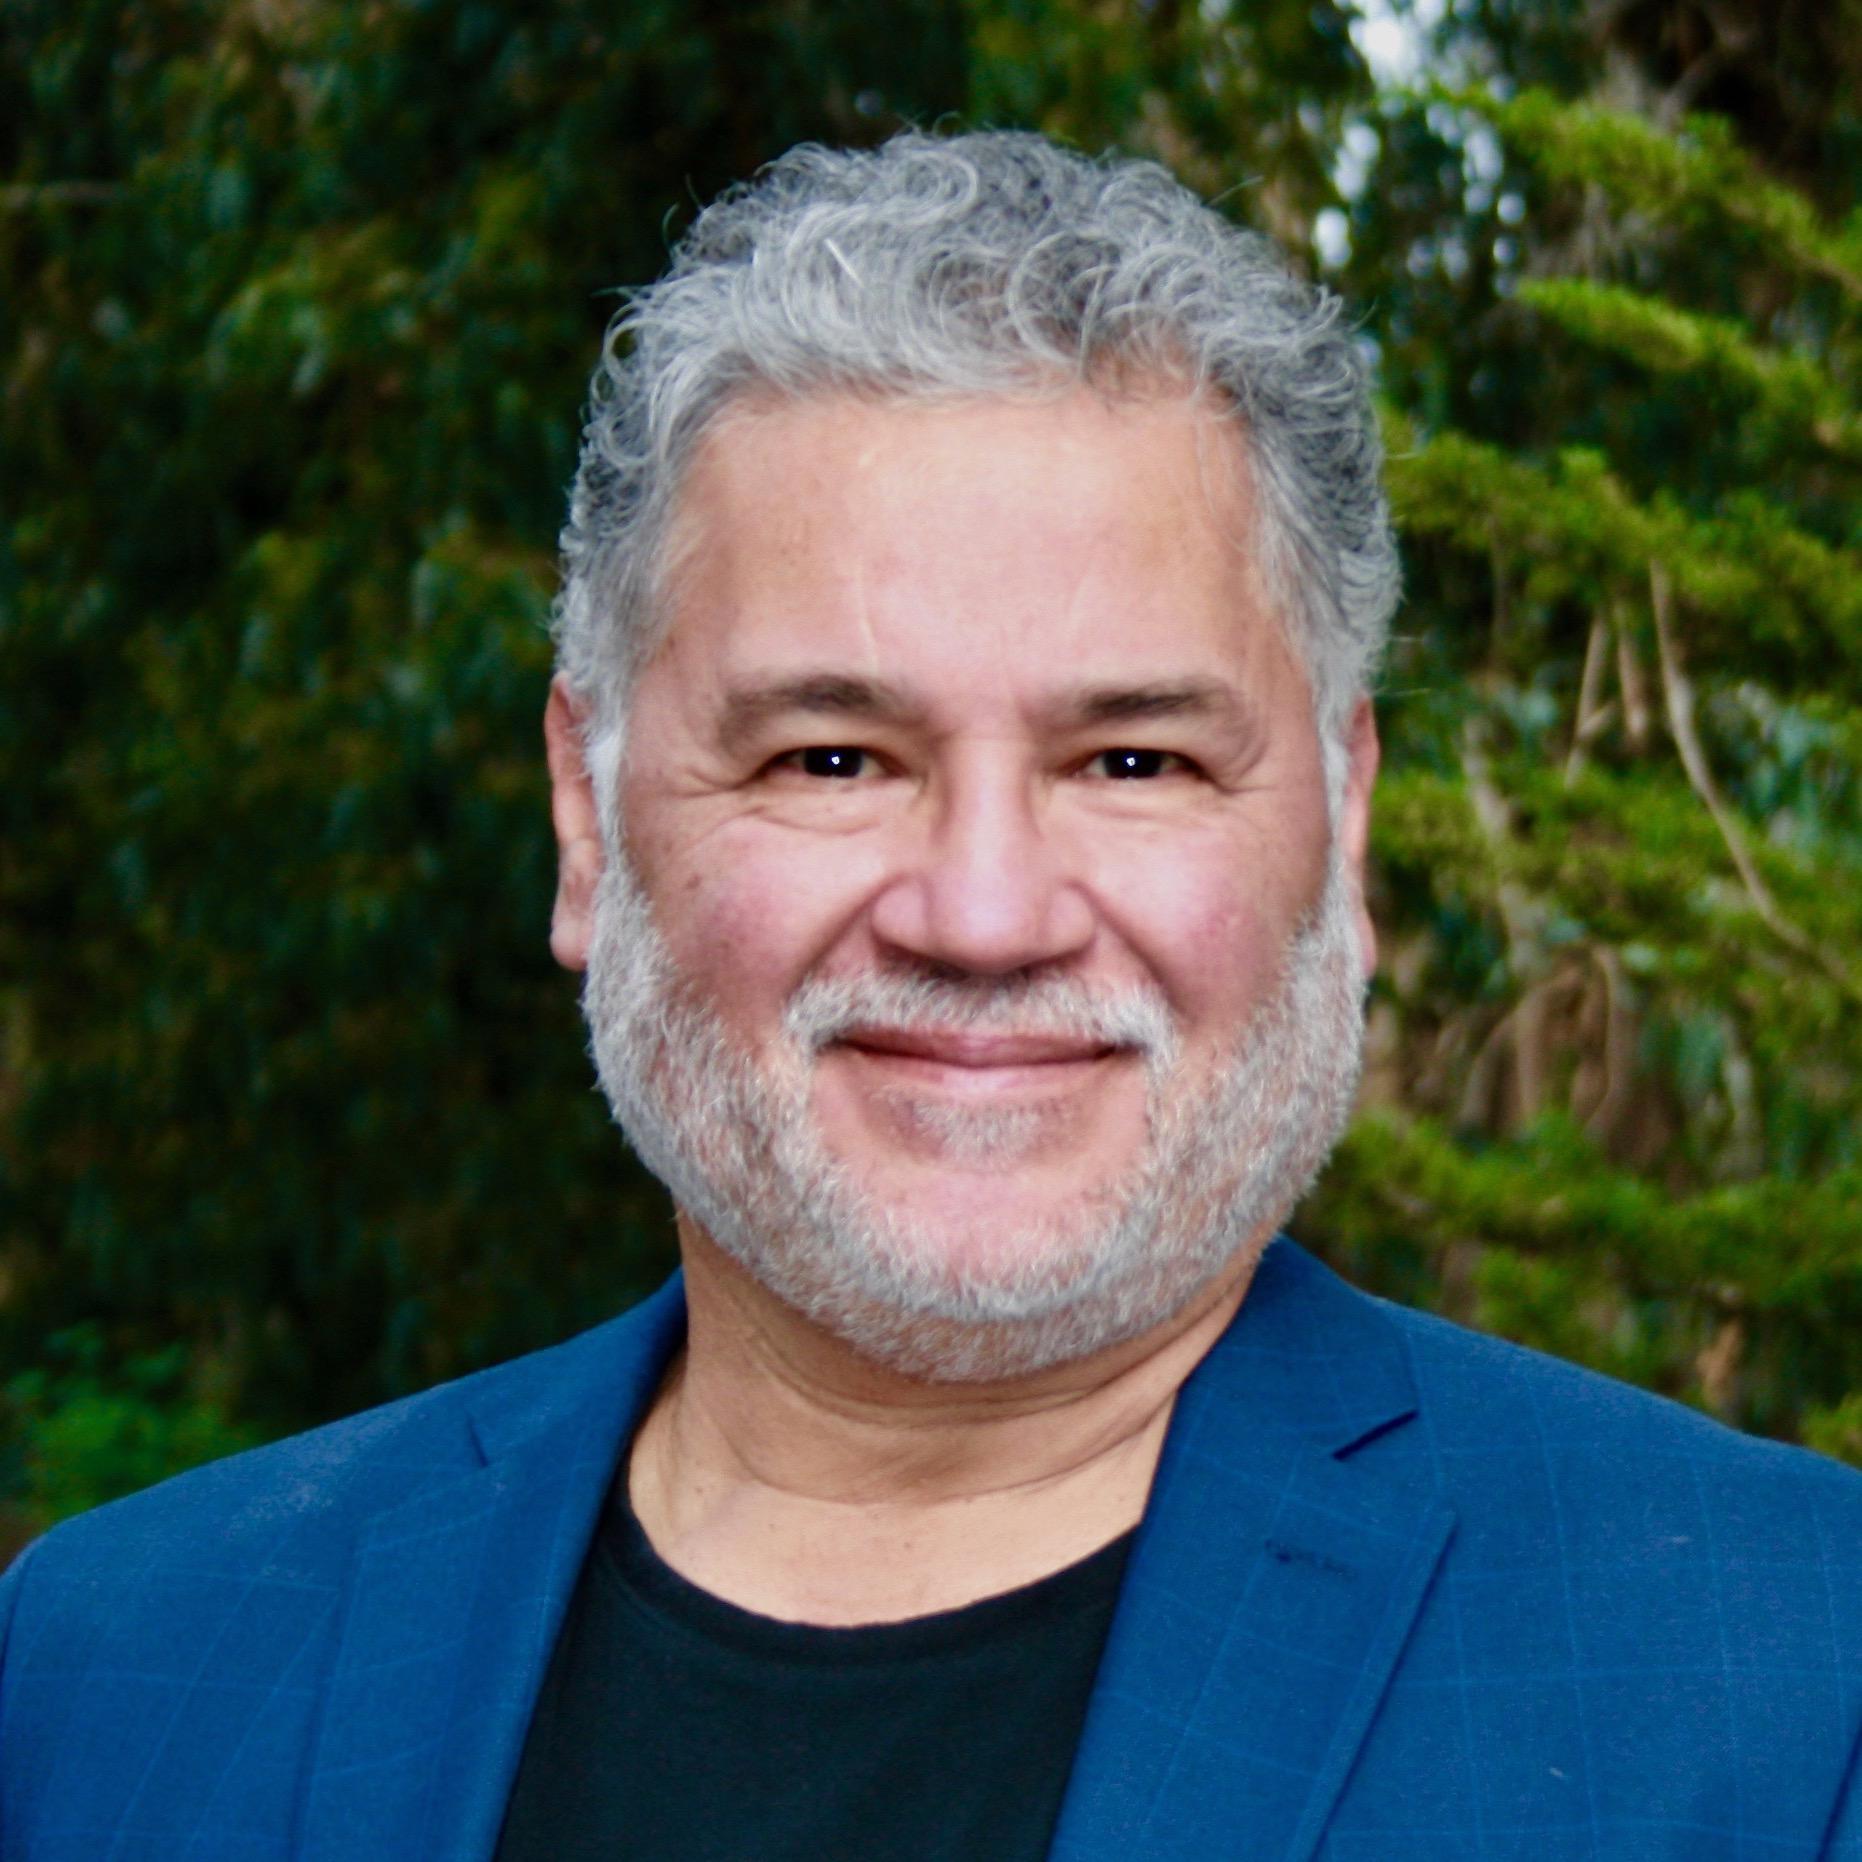 José Cruz Gonzálaz